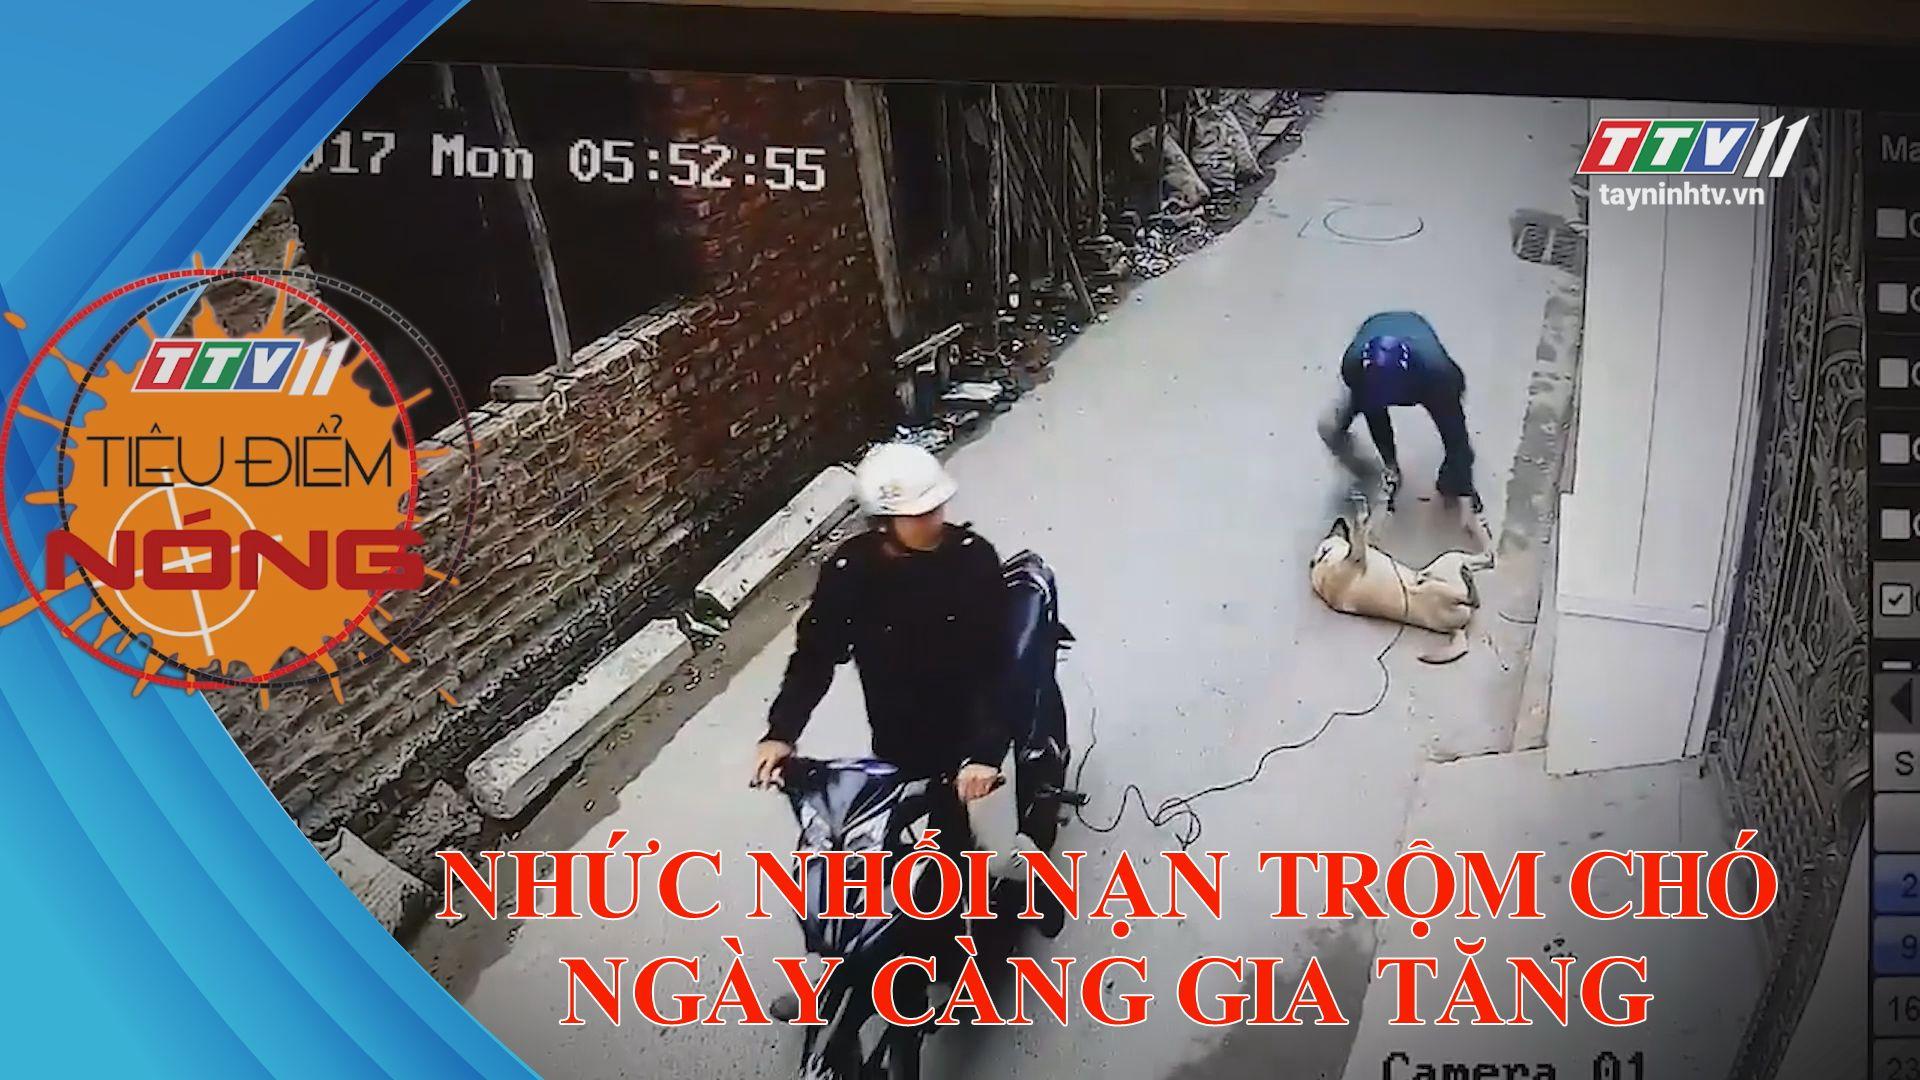 Nhức nhối nạn trộm chó ngày càng gia tăng | TIÊU ĐIỂM NÓNG | TayNinhTV